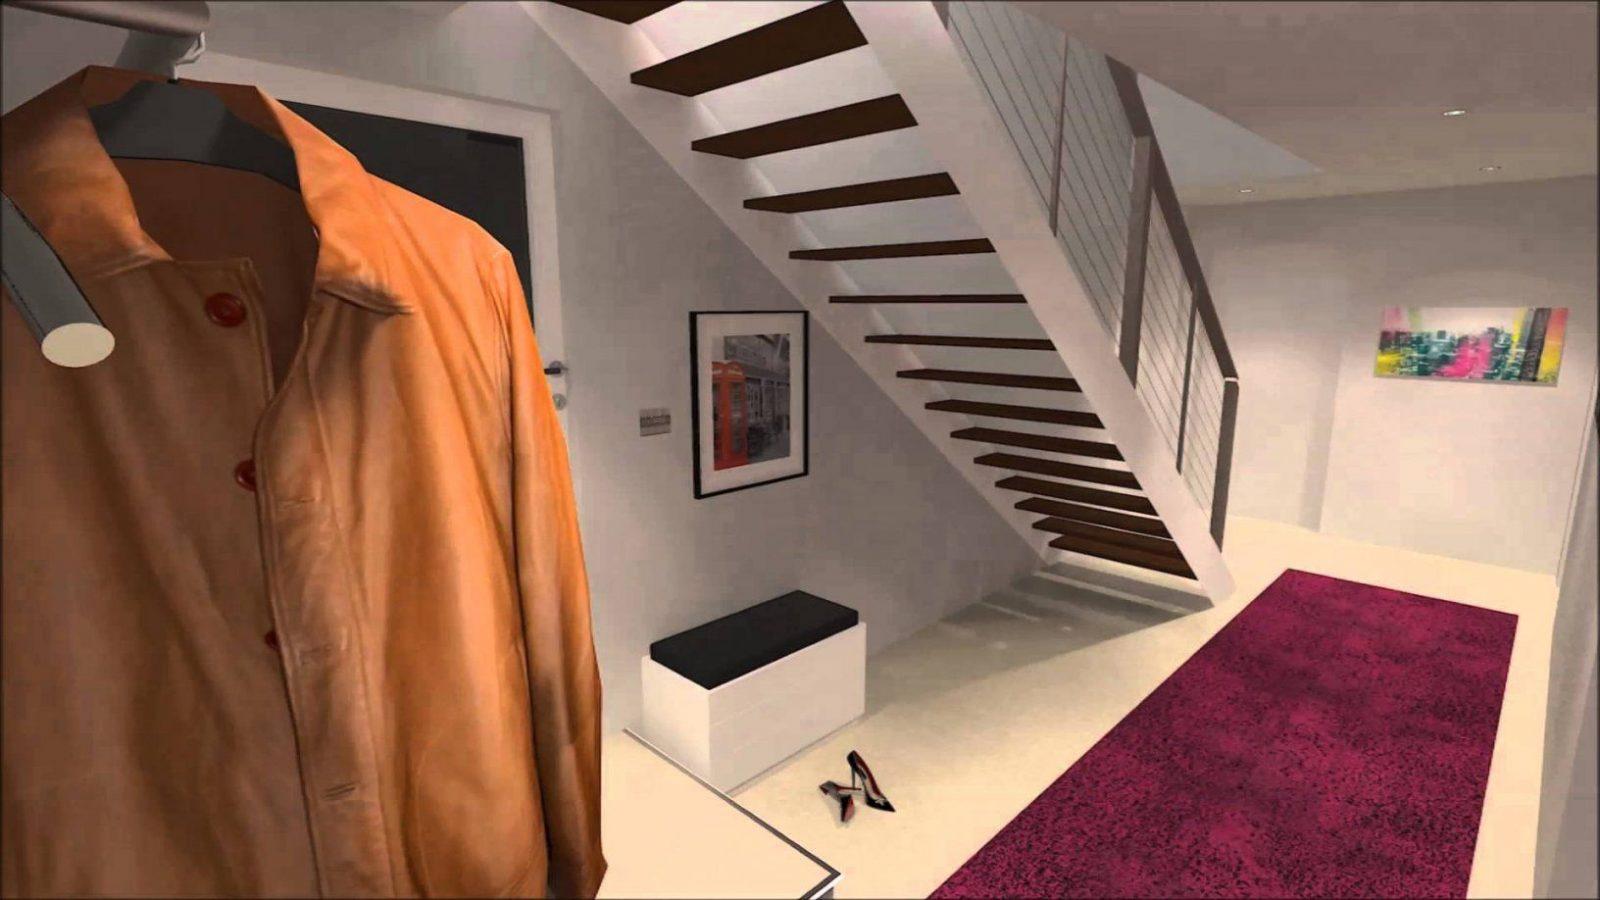 Fabelhafte Garderobe Unter Treppe Schrank Unter Treppe Ikea Beste von Schrank Unter Treppe Ikea Bild